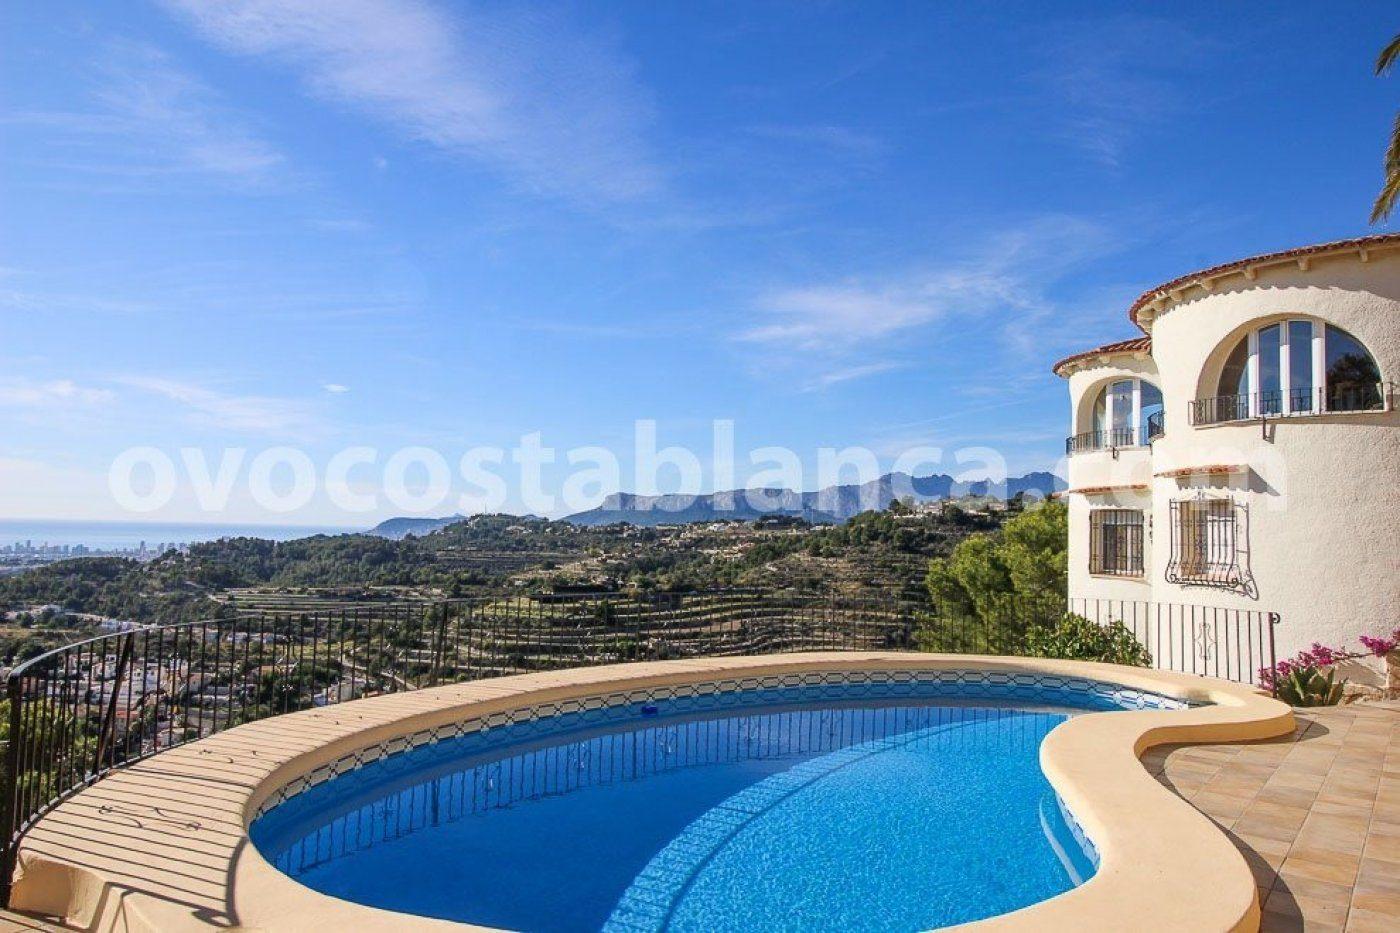 Villa in Benissa, Valencian Community, Spain 1